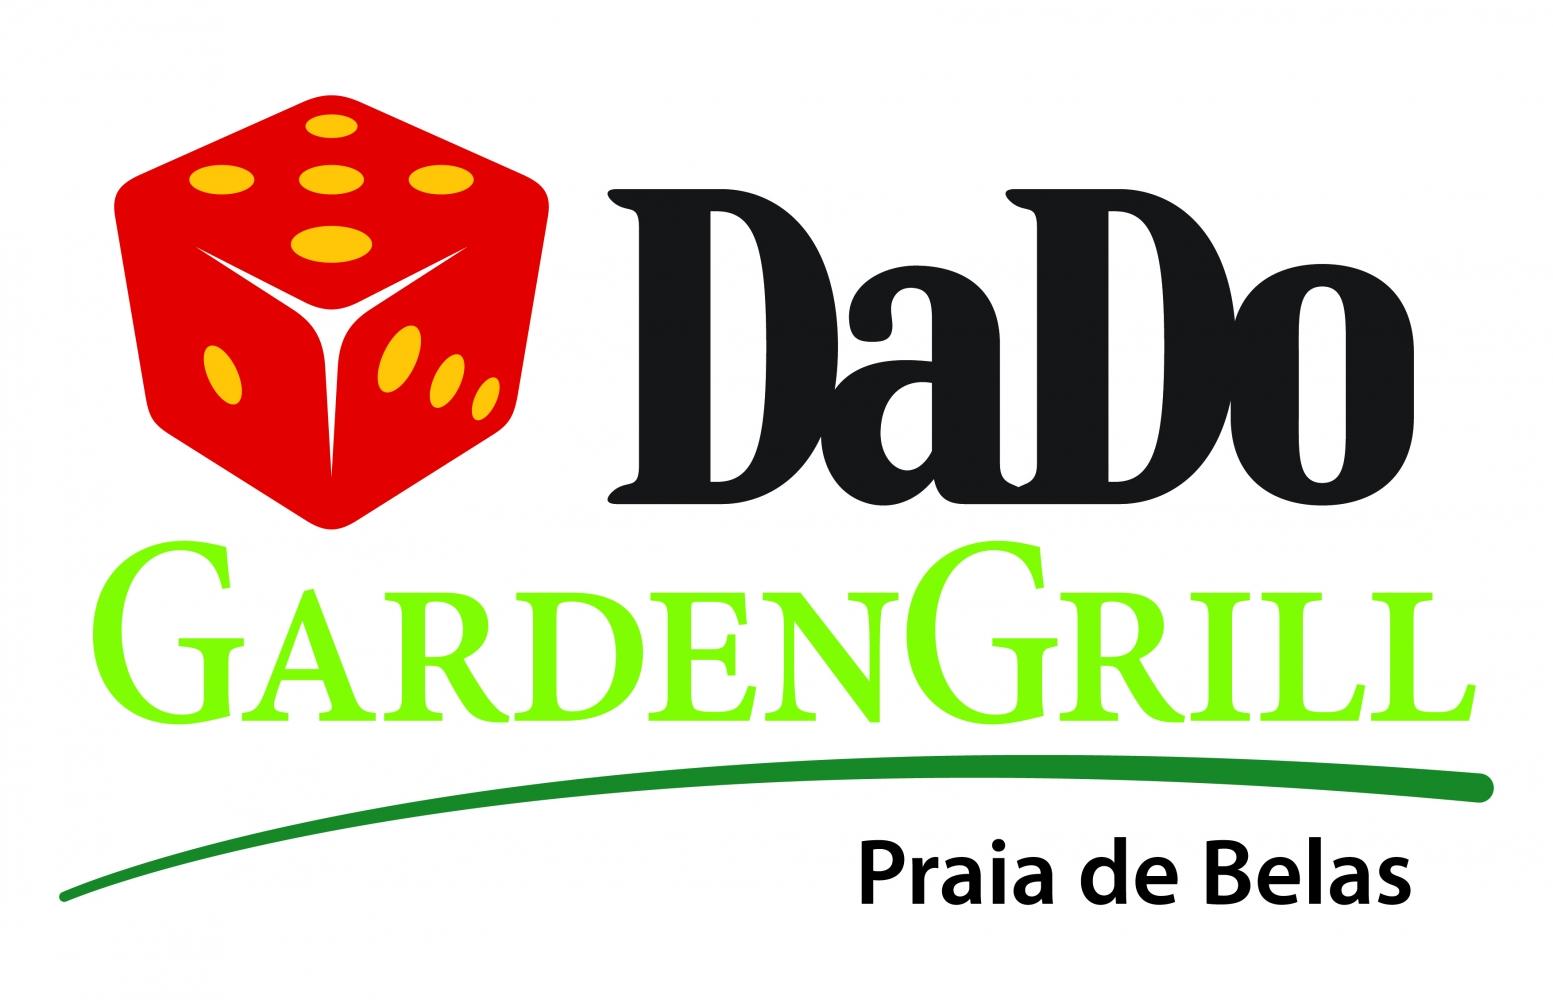 dado garden